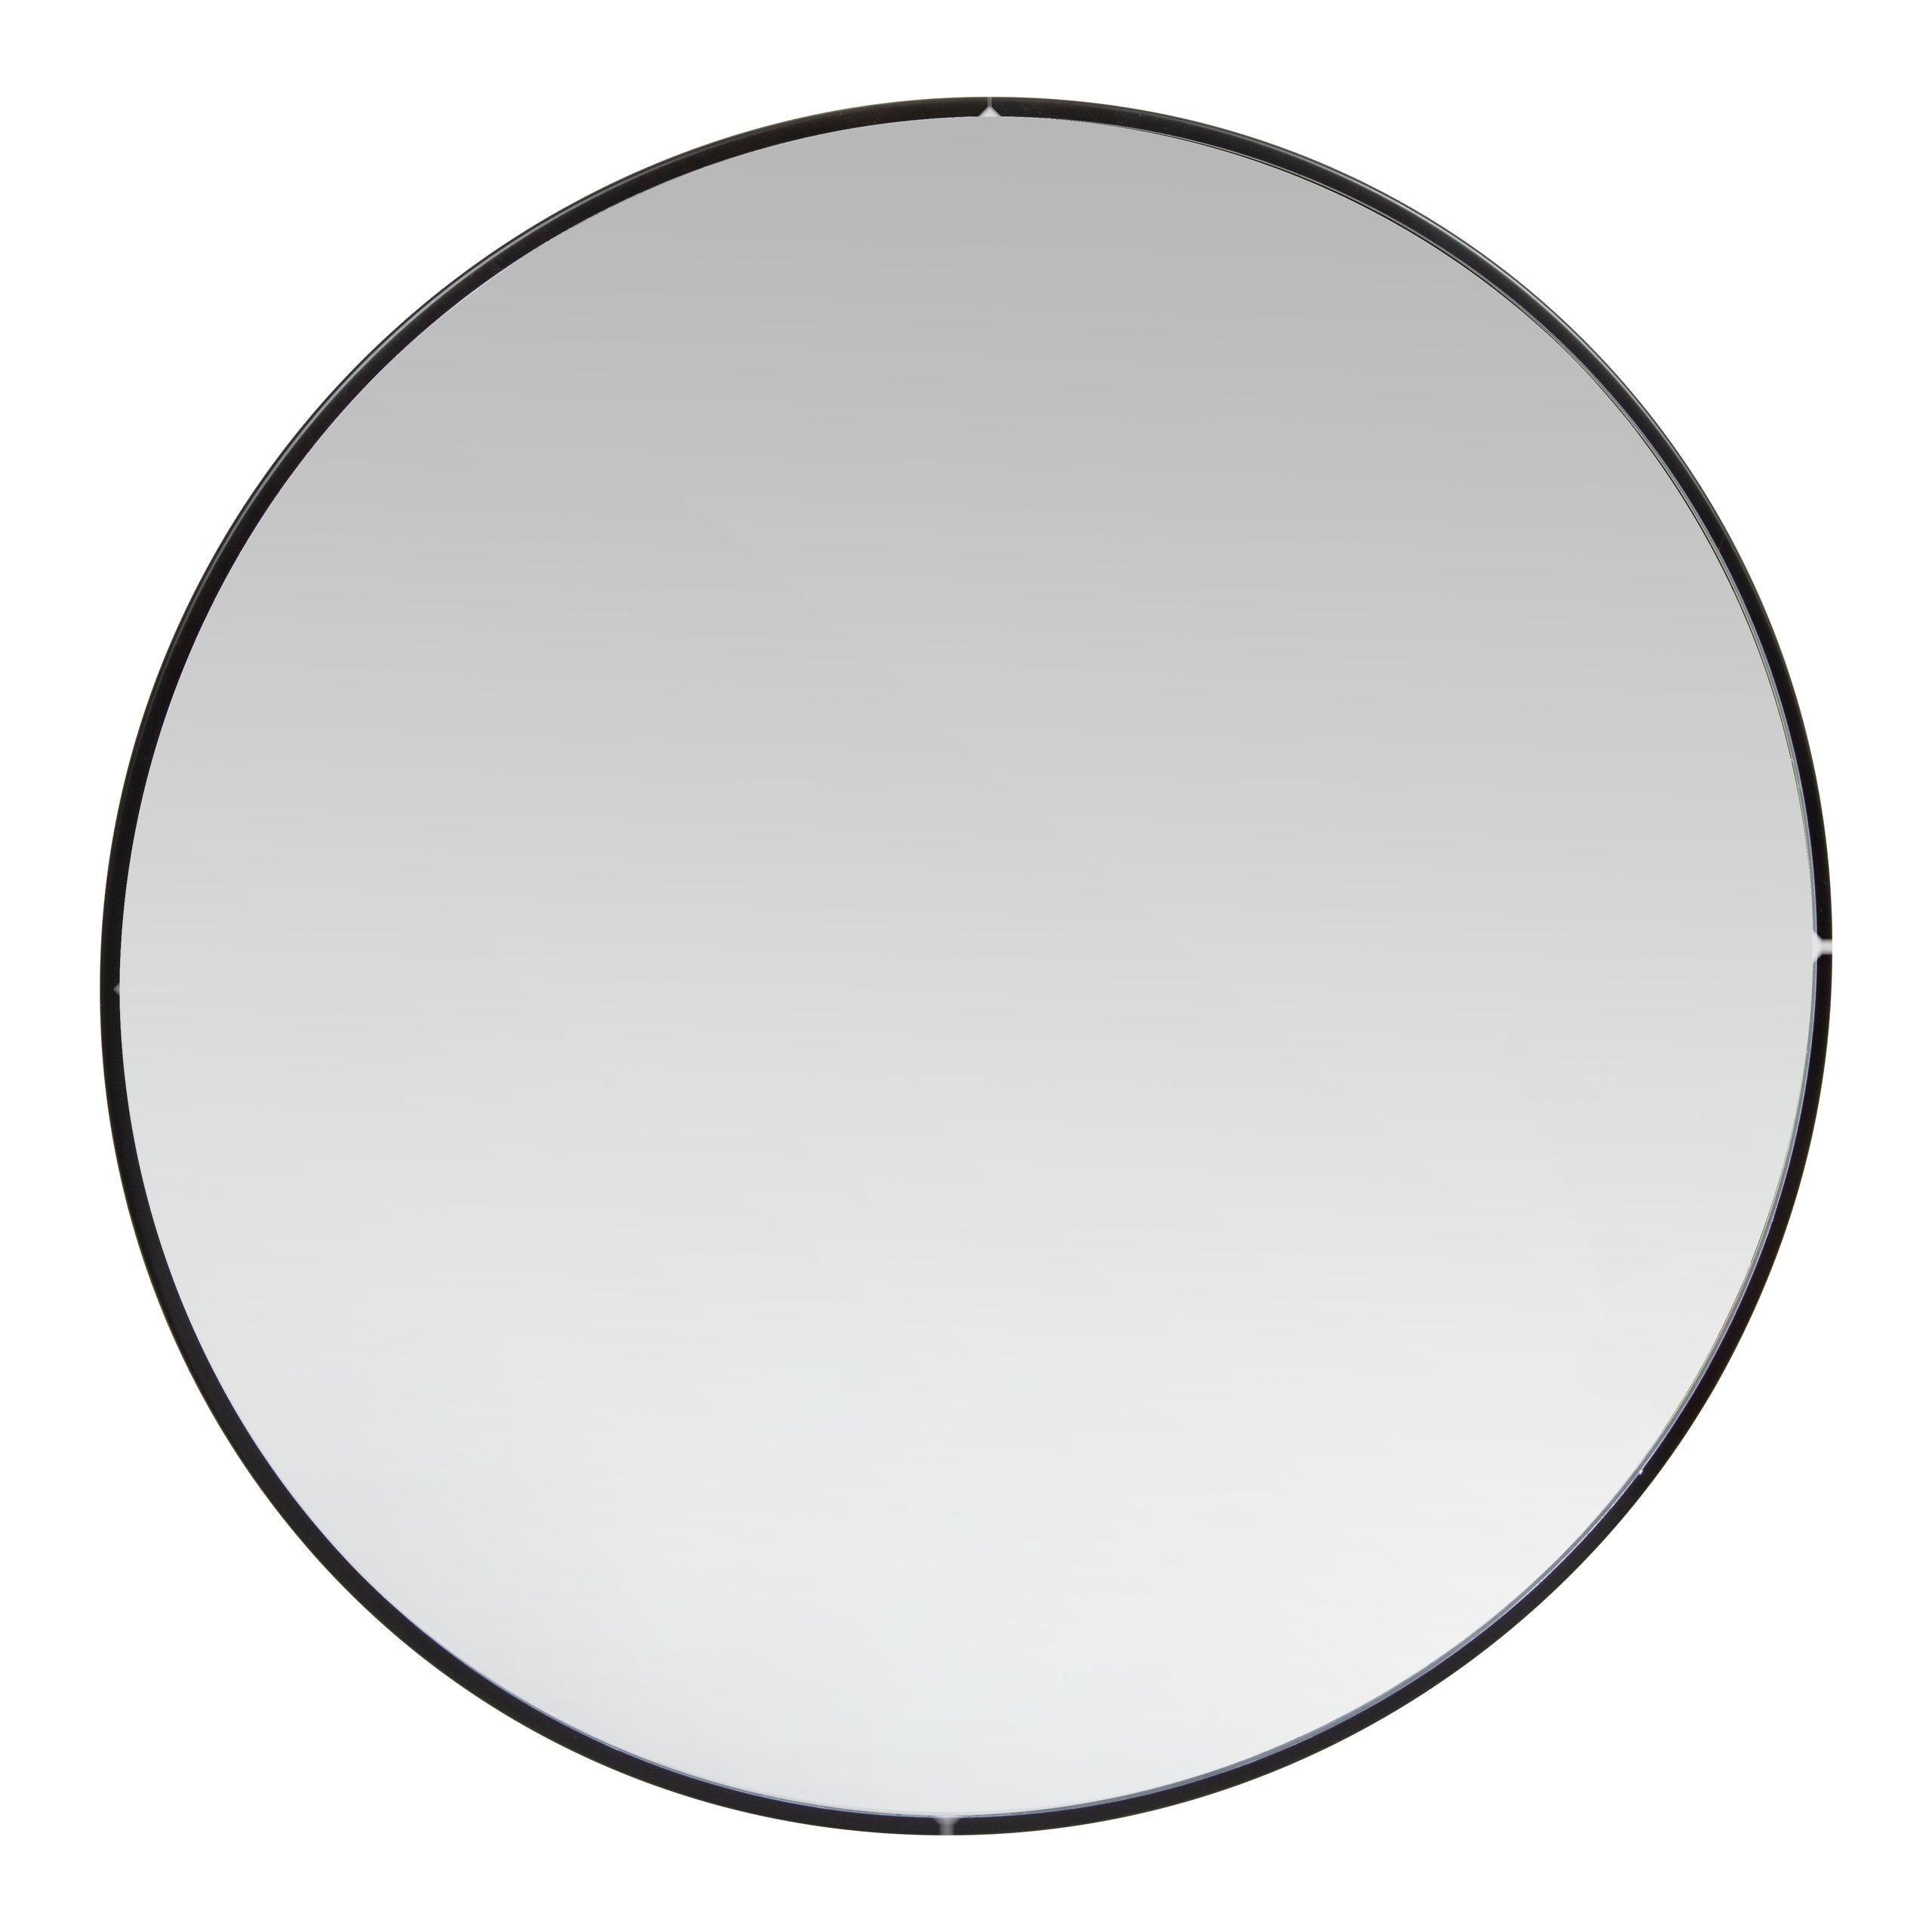 SPEIL RUND Ø60CM SOTET GLASS-101218